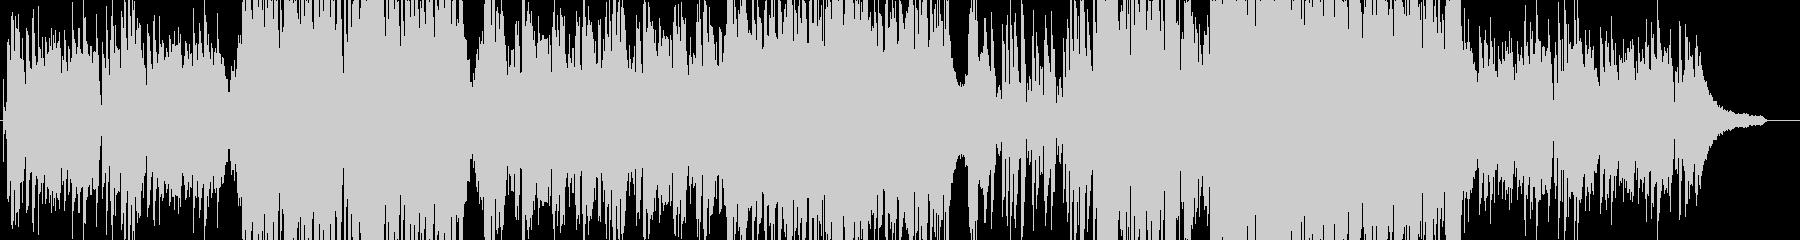 アップテンポのJazzyな楽曲の未再生の波形